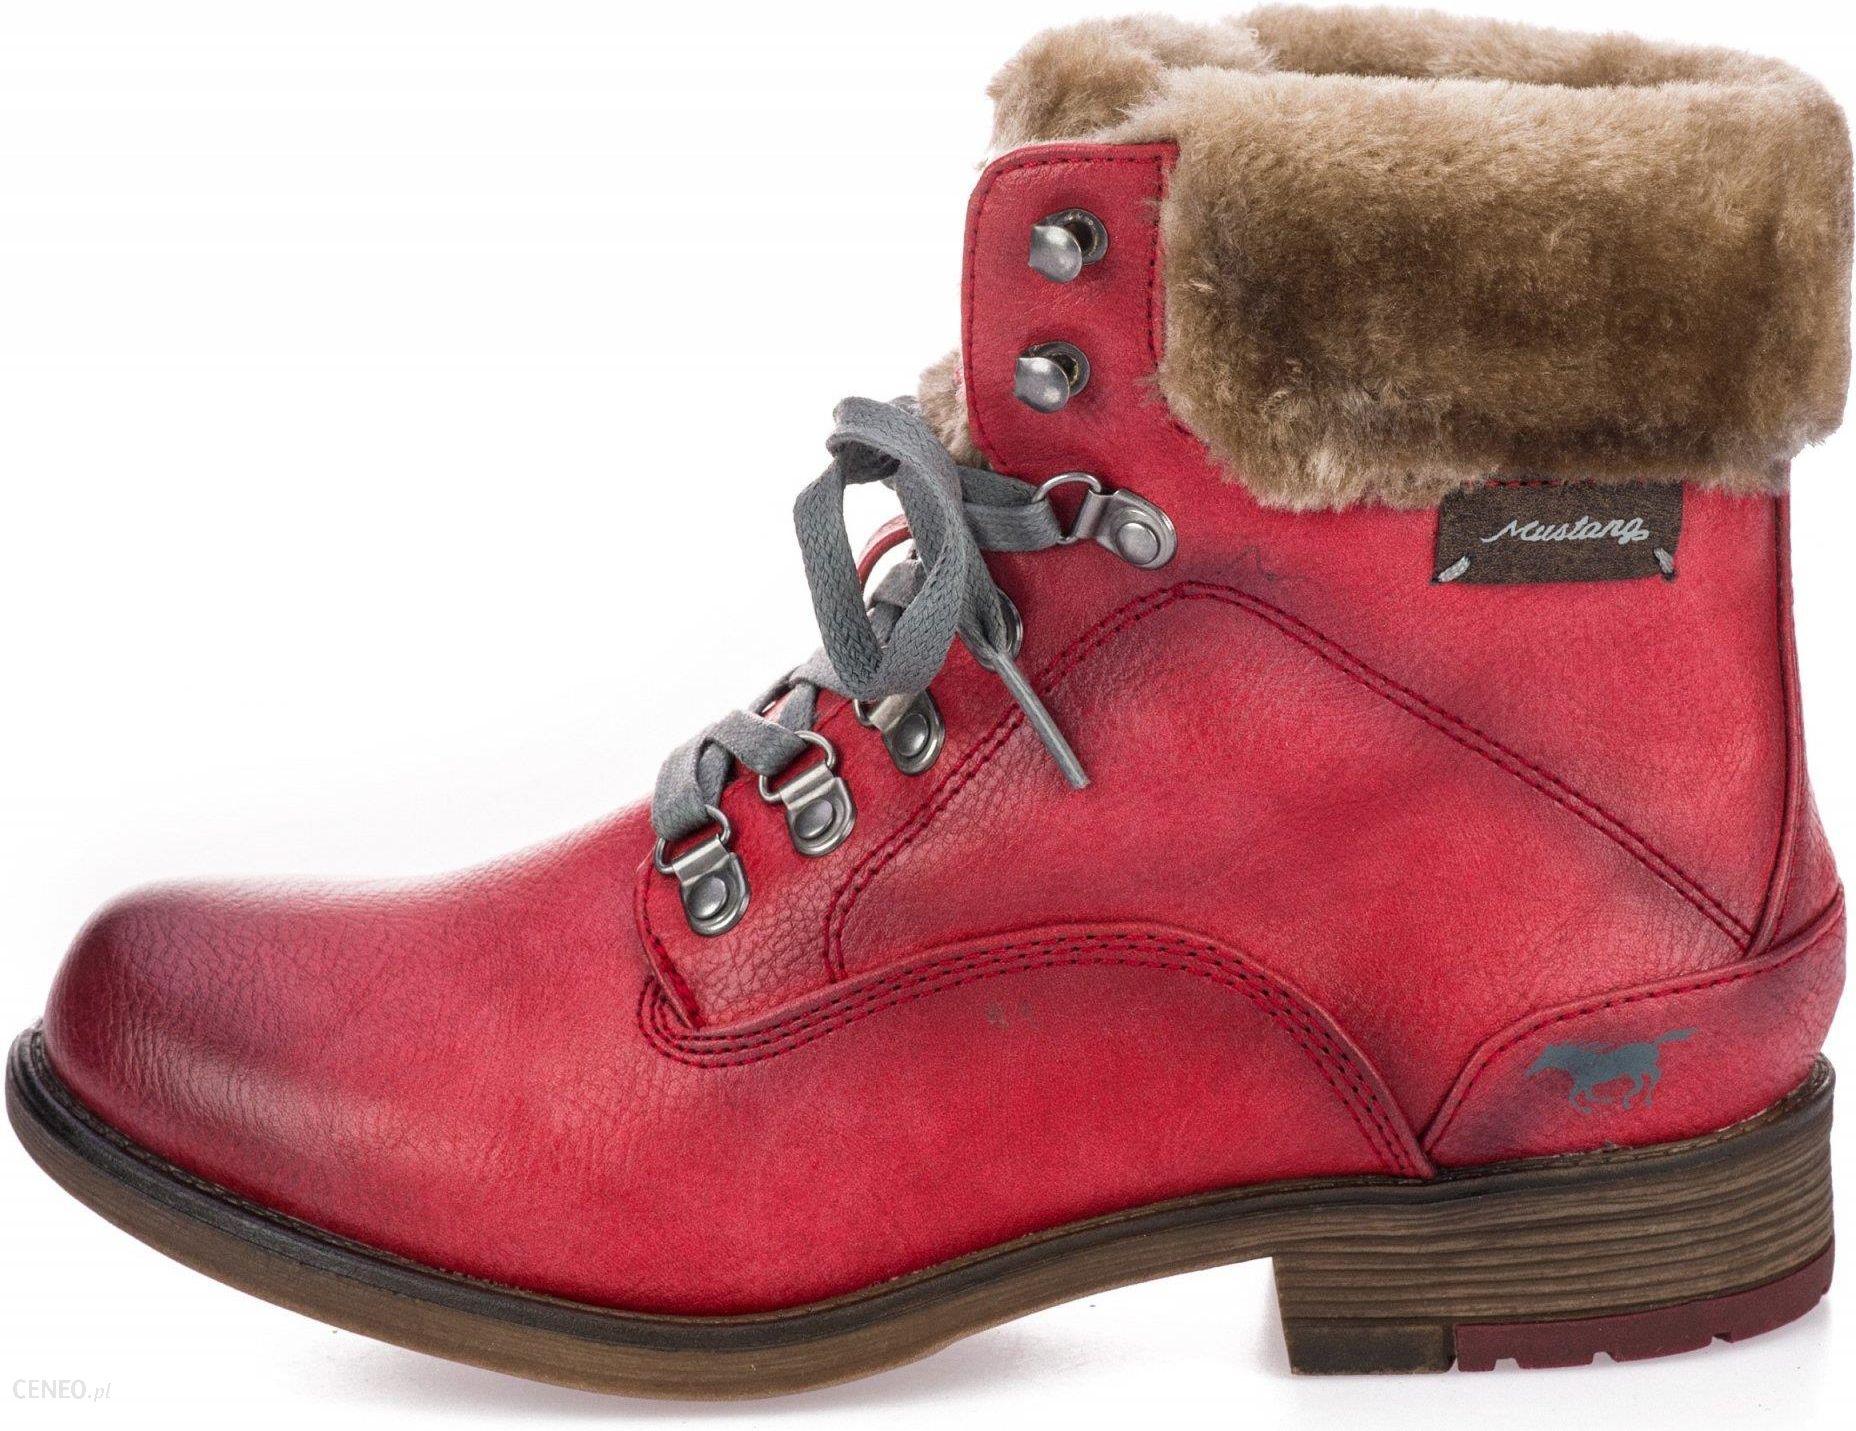 84101fc130d4a Mustang buty za kostkę damskie 37 czerwony - Ceny i opinie - Ceneo.pl